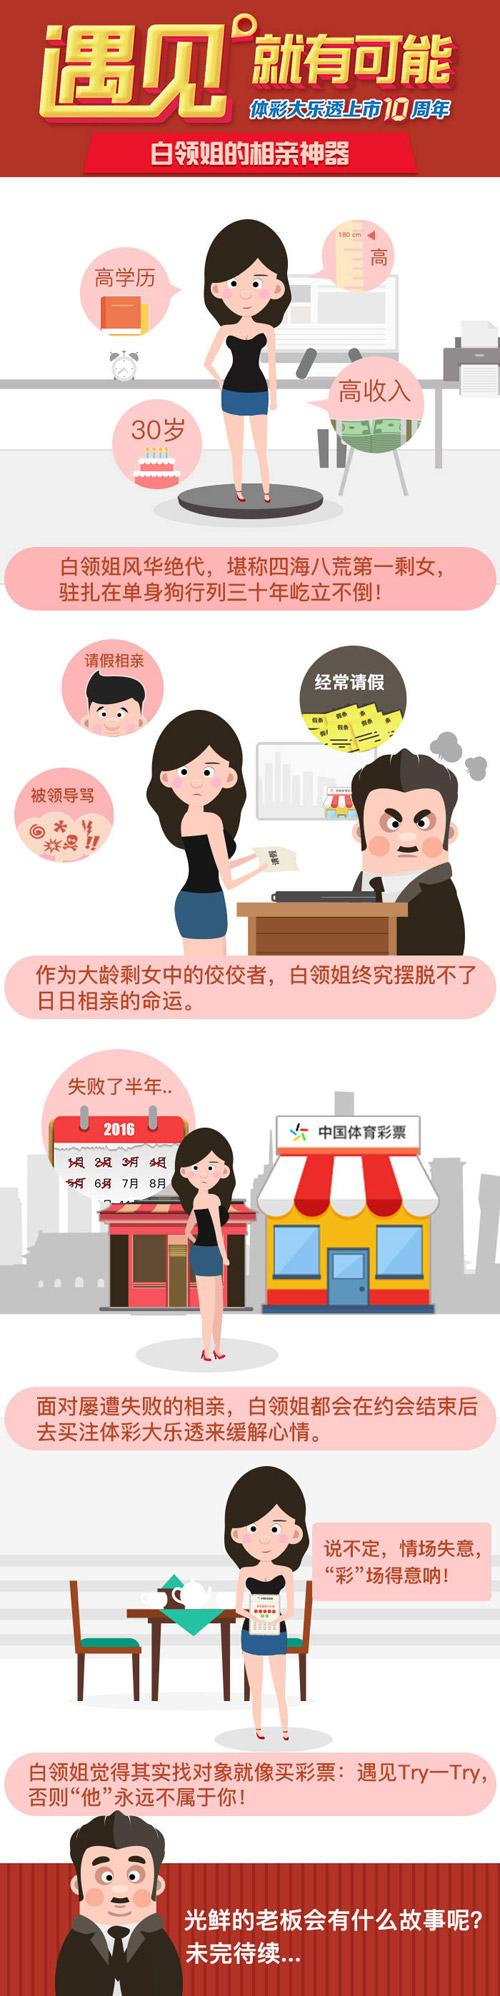 体彩大乐透上市10周年漫画-白领姐的相亲神器